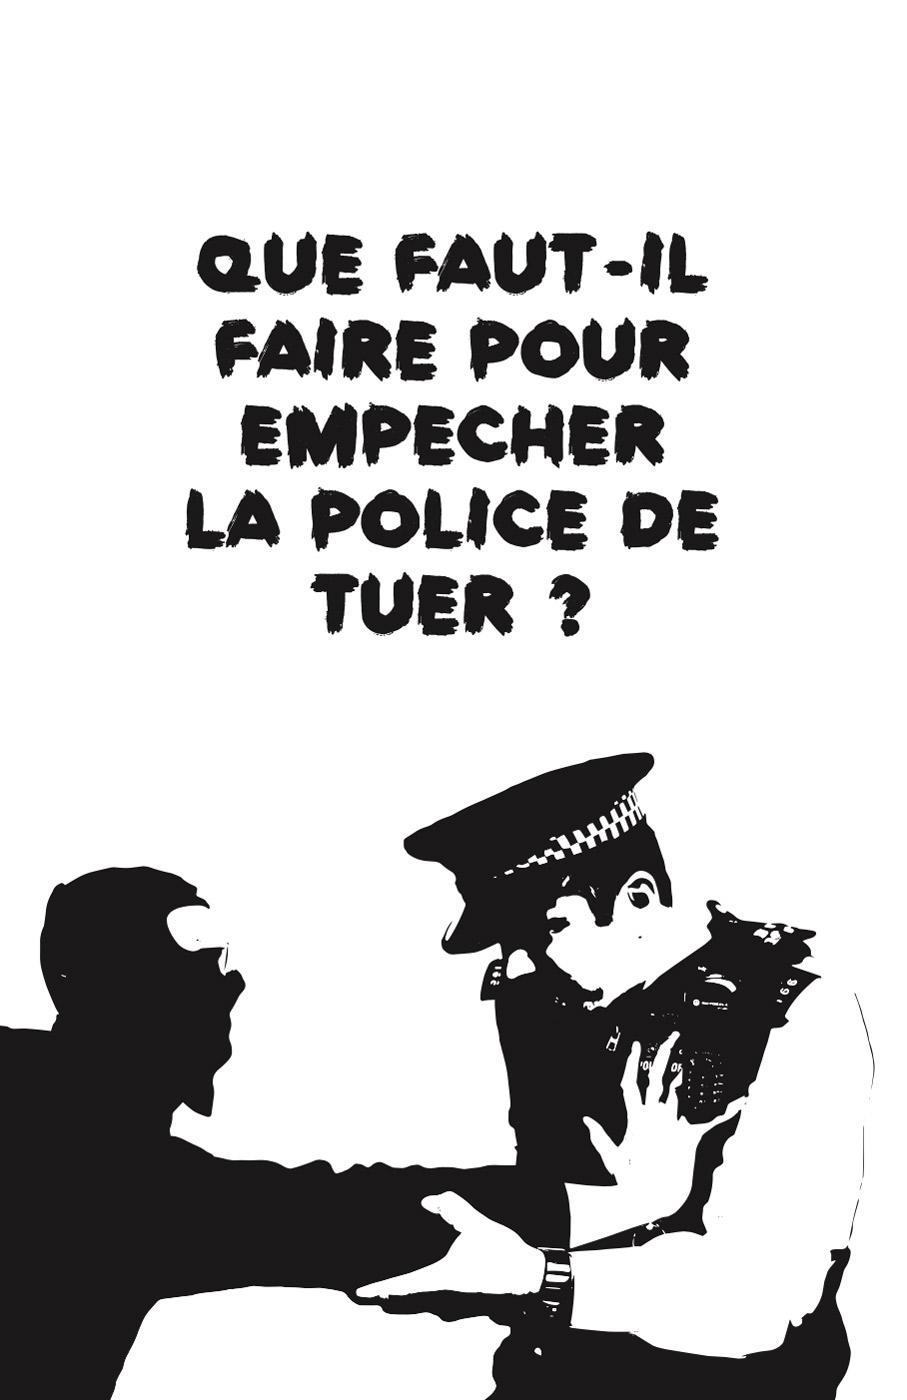 Photo of 'Que faut-il faire pour empêcher la police de tuer ?' front cover